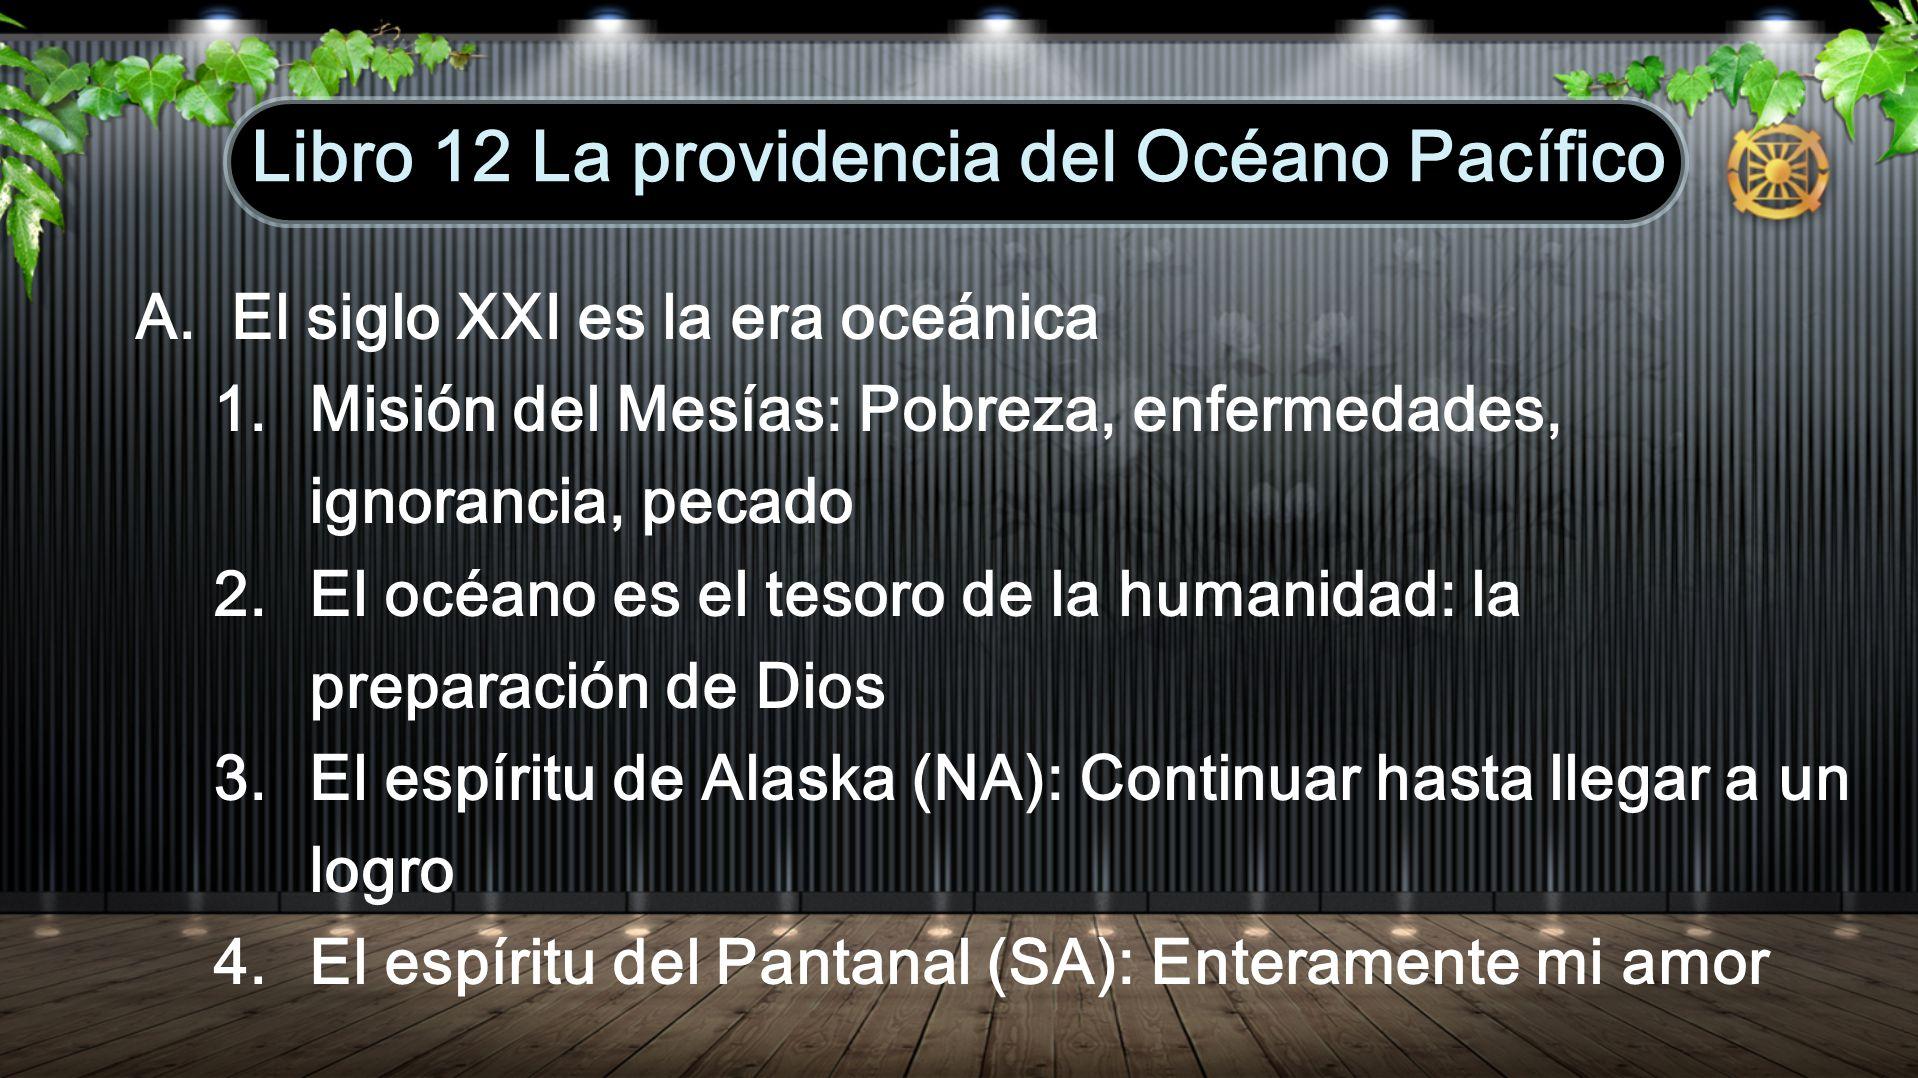 A.El siglo XXI es la era oceánica 1. Misión del Mesías: Pobreza, enfermedades, ignorancia, pecado 2. El océano es el tesoro de la humanidad: la prepar